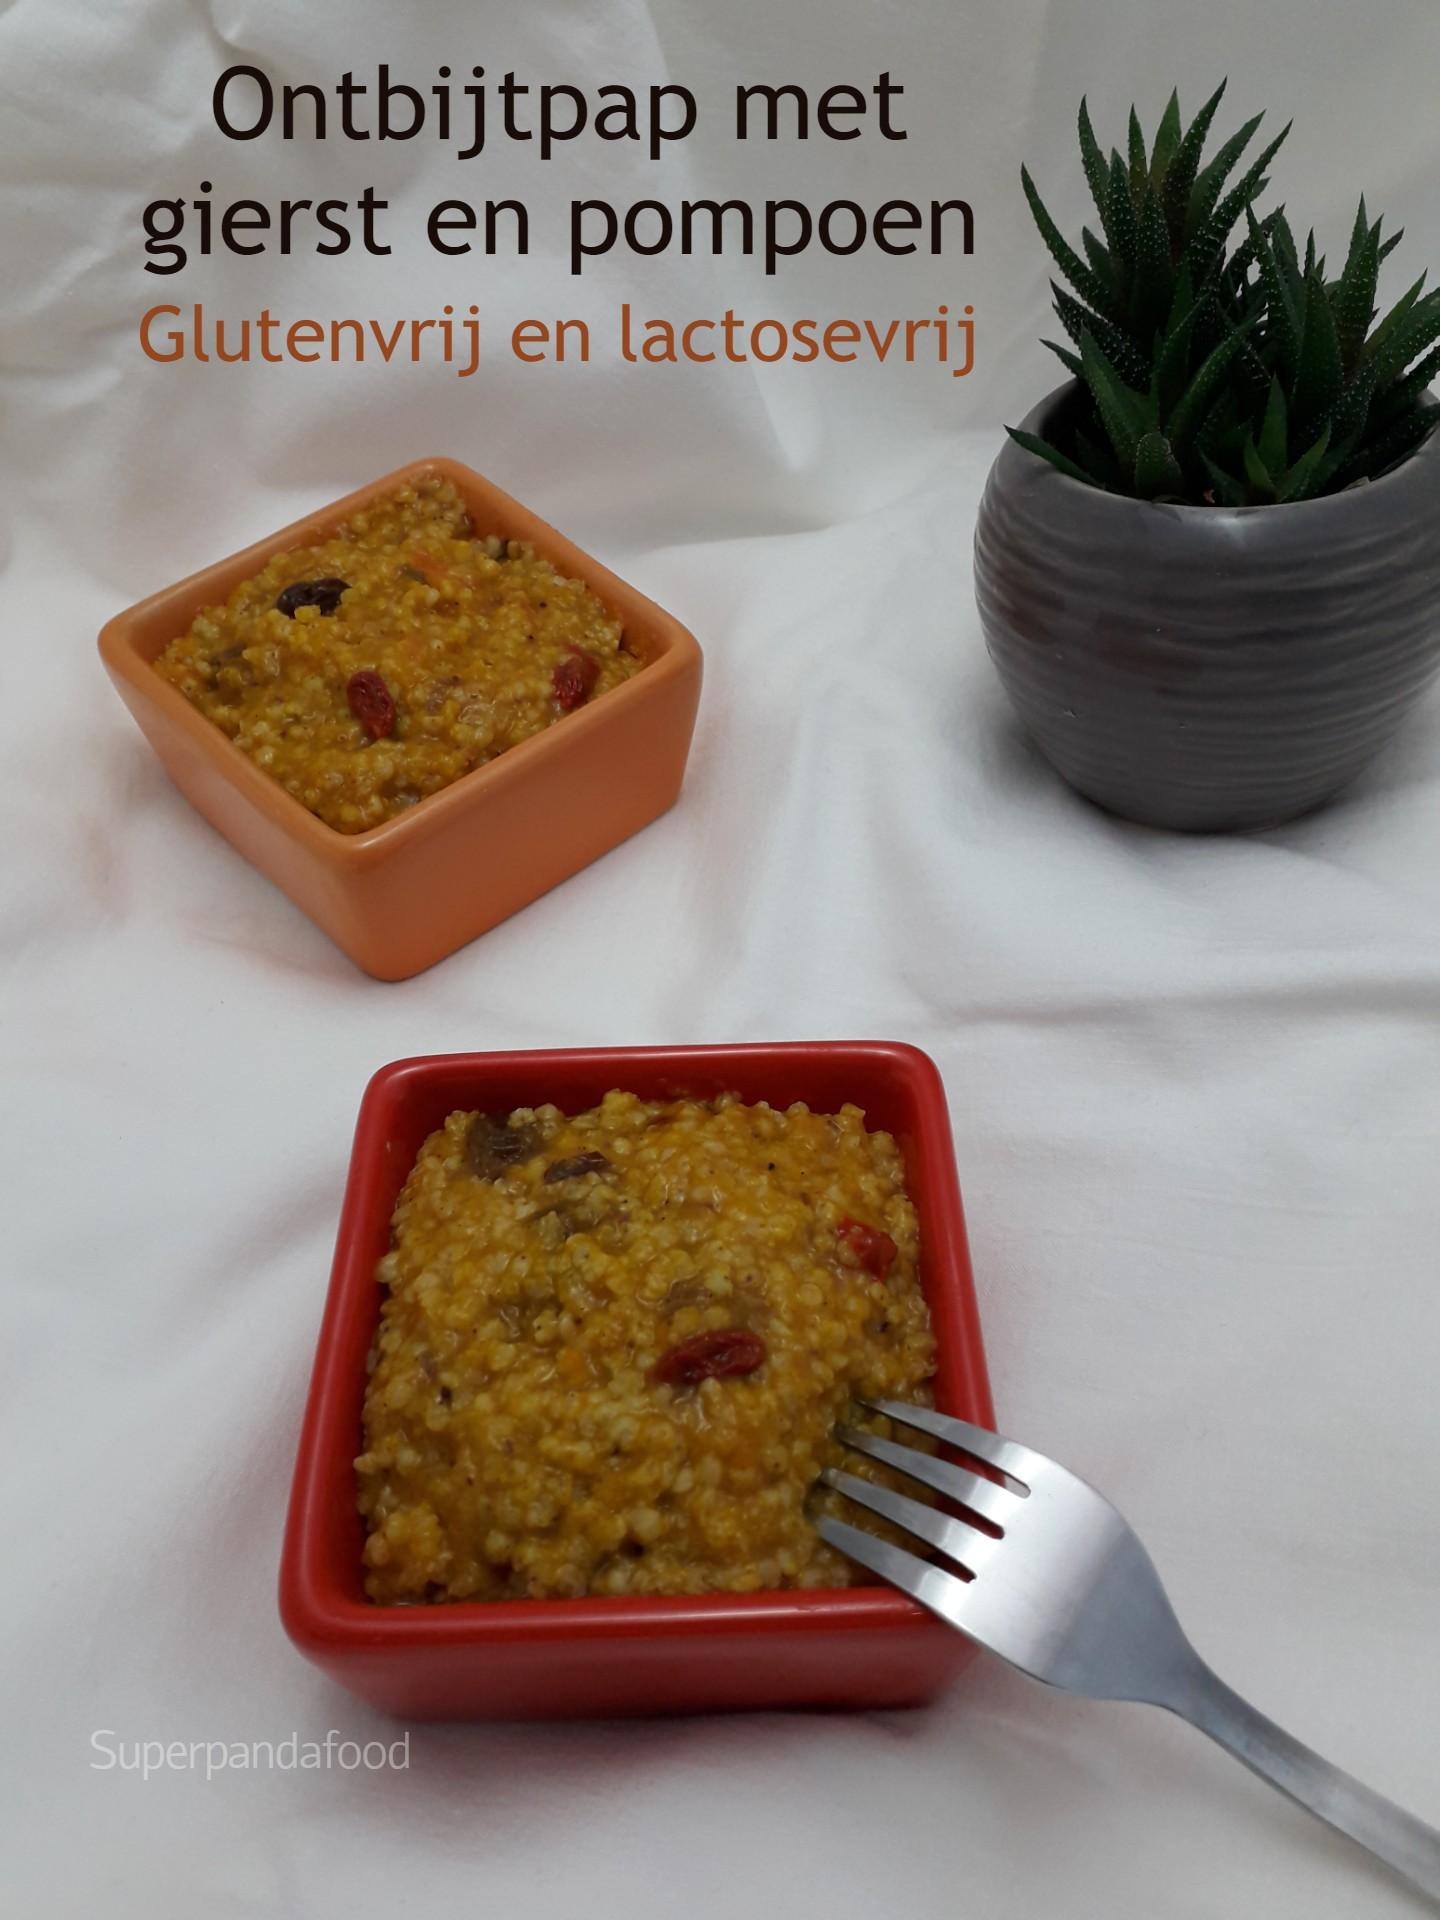 Ontbijtpap met gierst, pompoen en gojibessen - glutenvrij en lactosevrij recept - Superpandafood